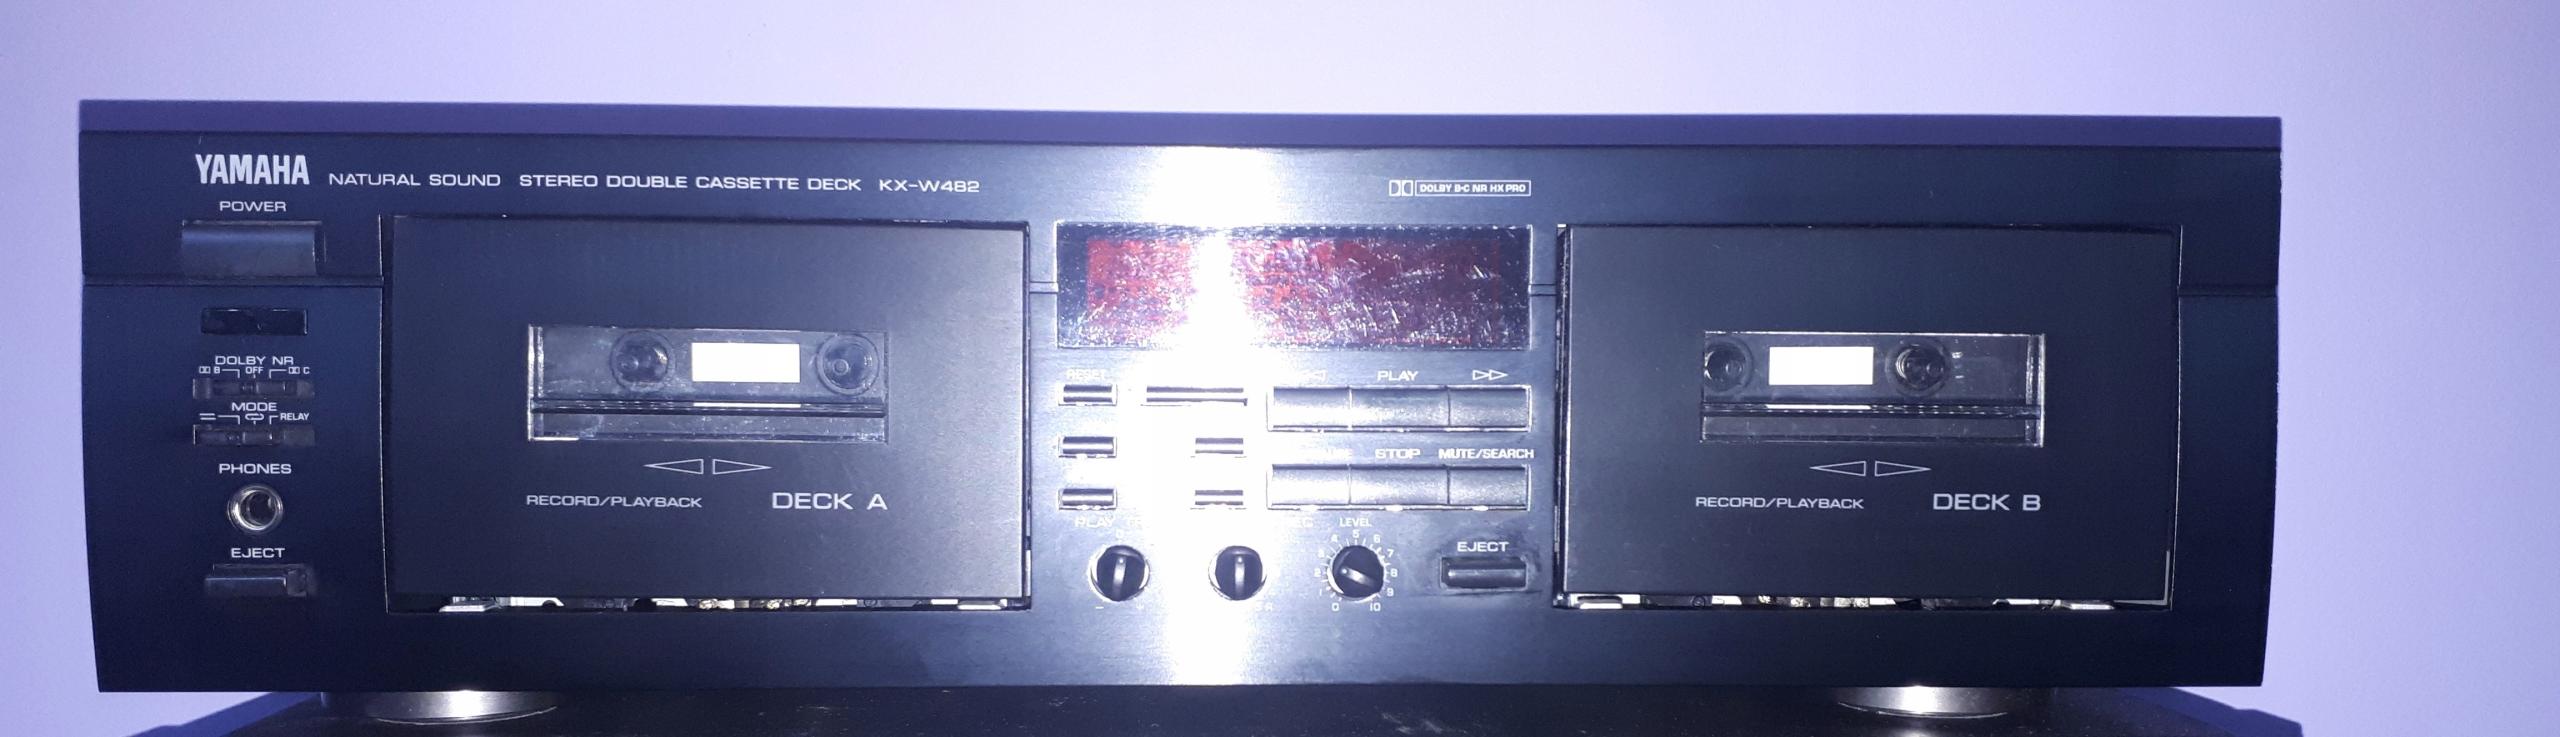 Yamaha KX-W482